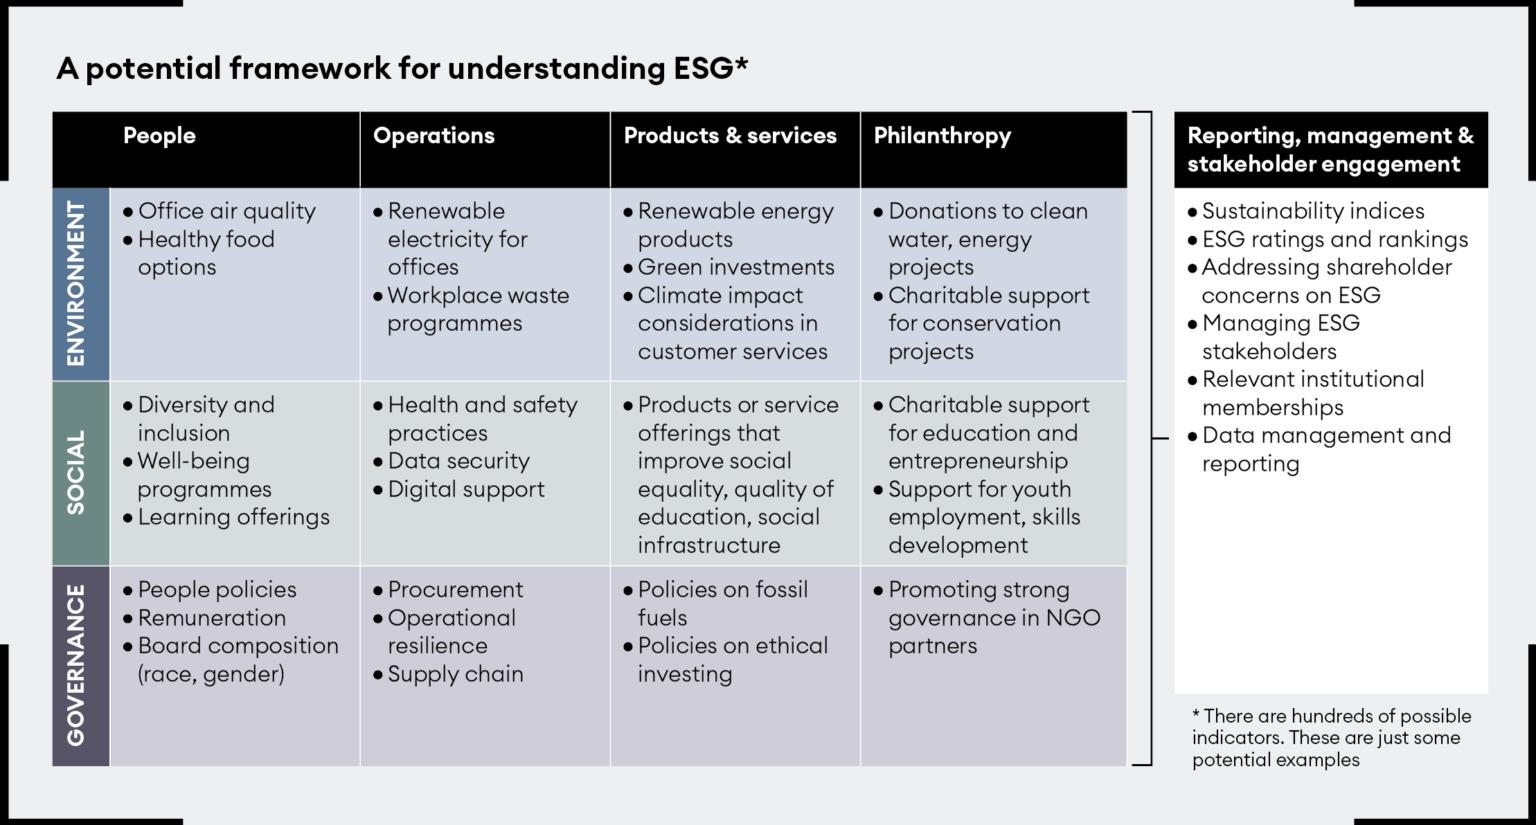 The POPP framework for ESG